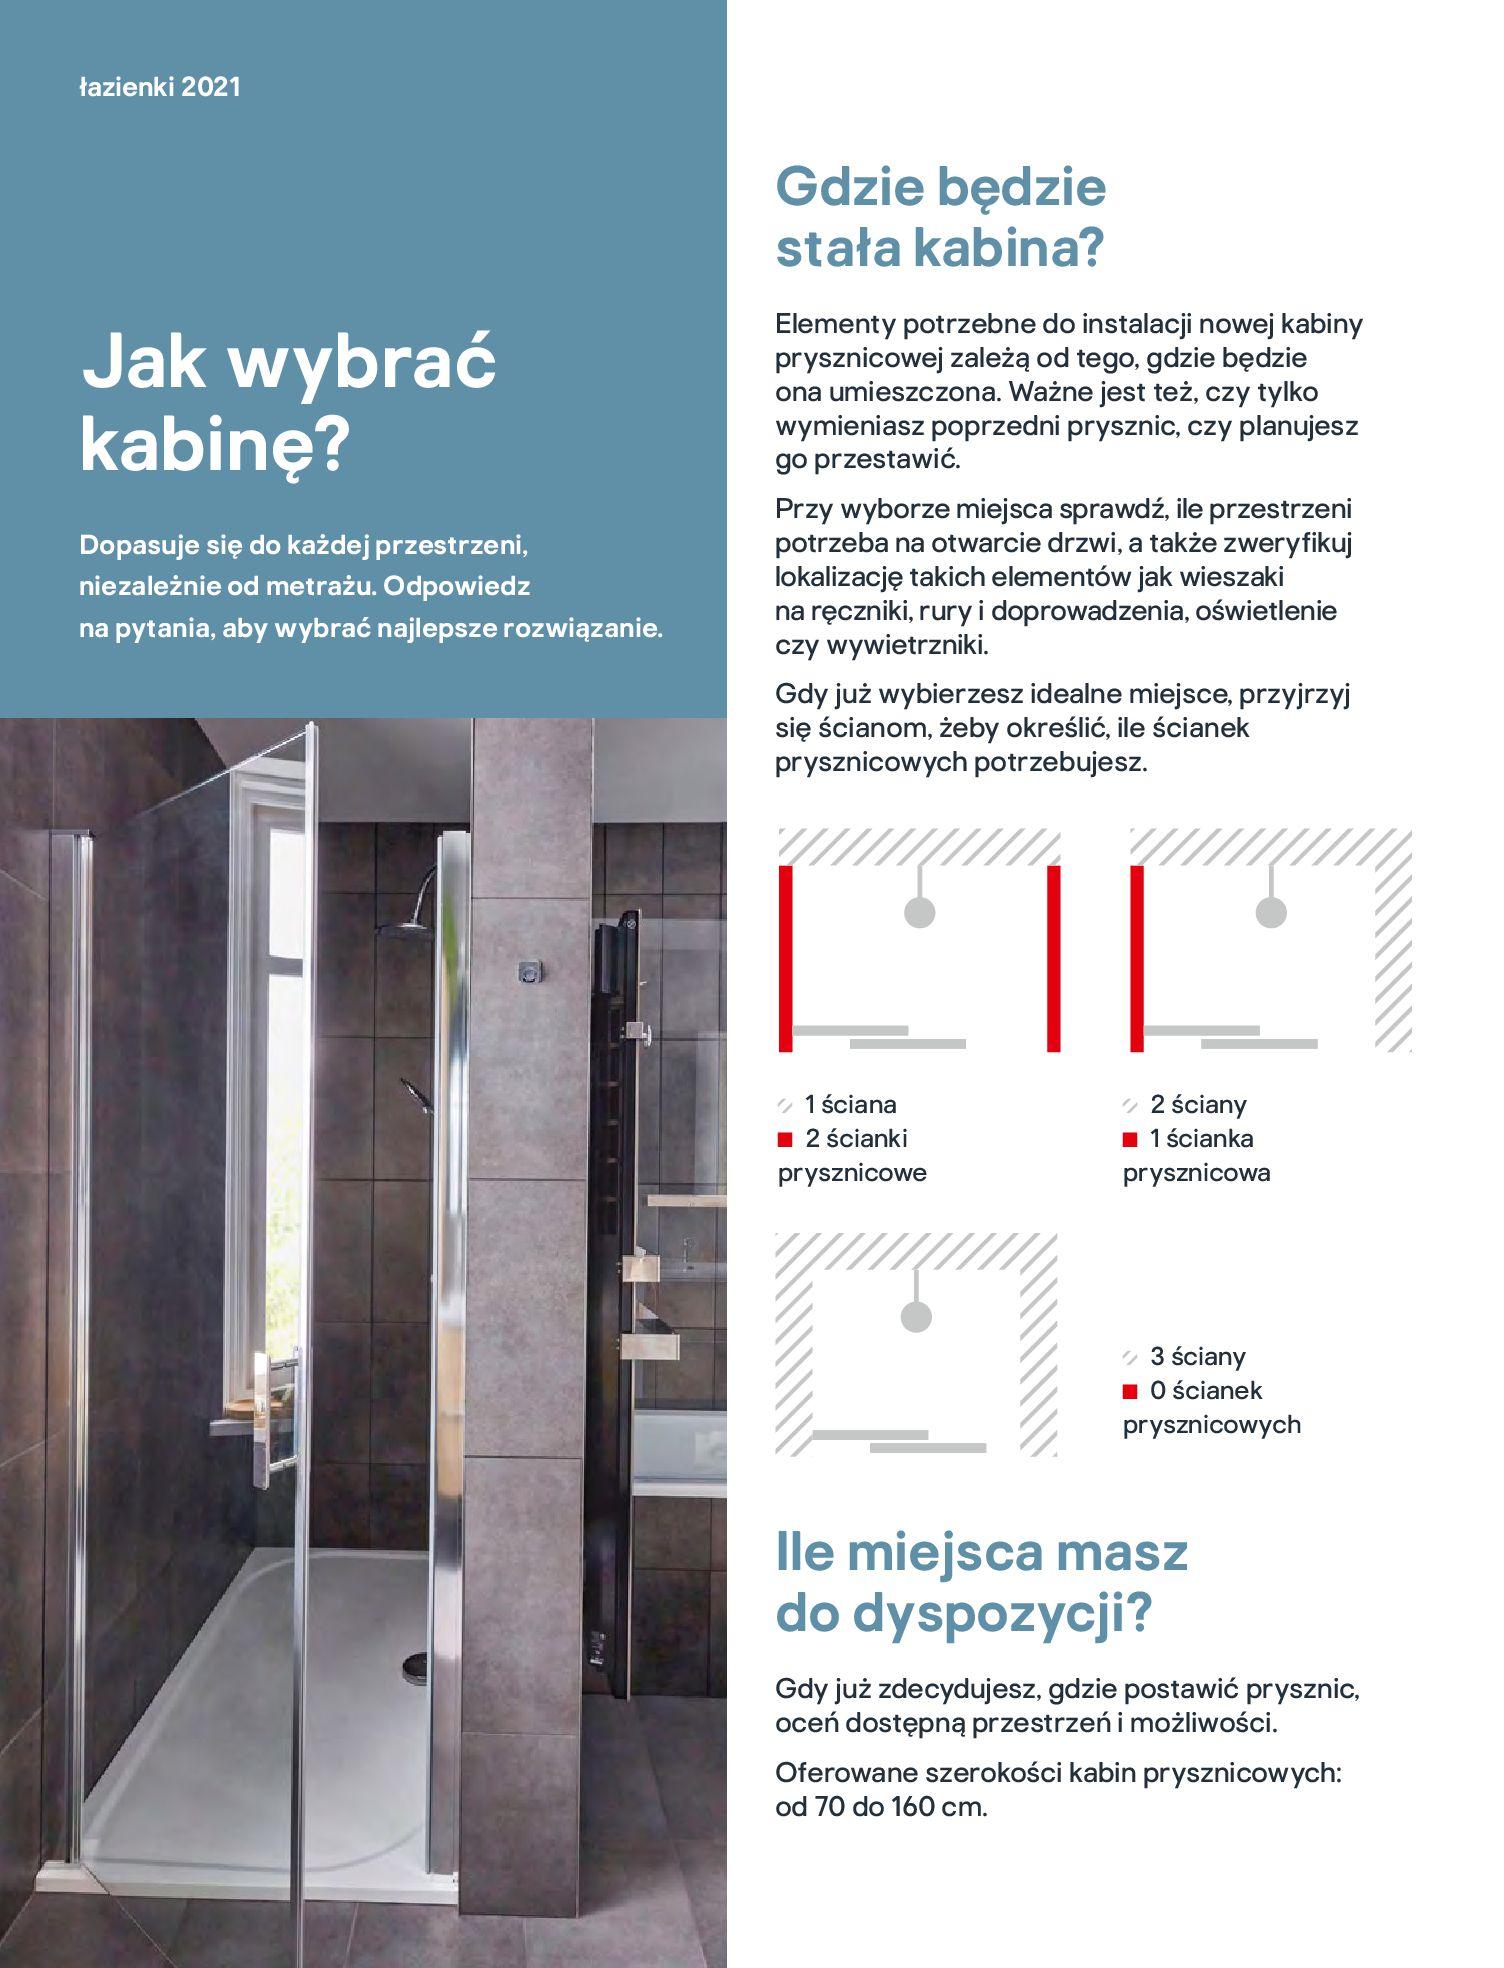 Gazetka Castorama: Gazetka Castorama - katalog łazienki 2021 2021-06-16 page-100